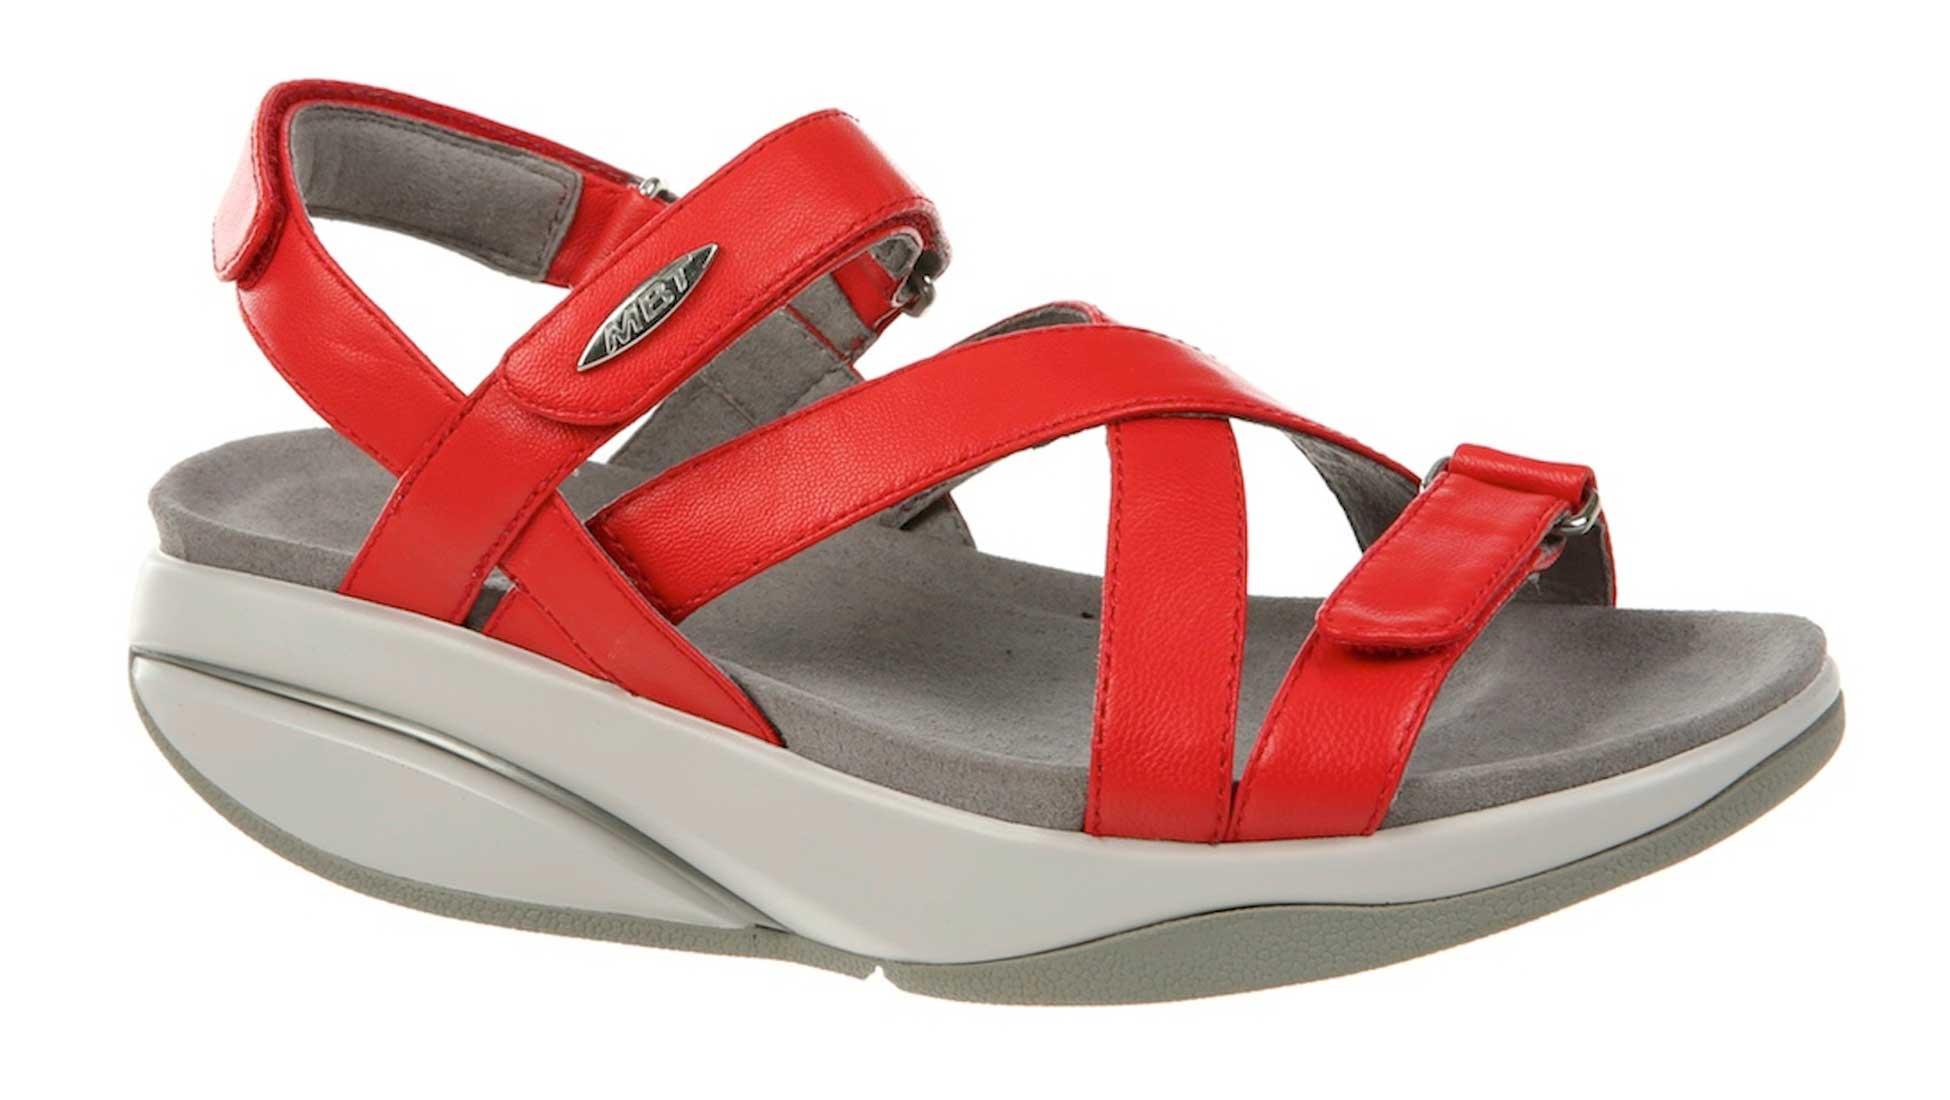 MBT Shoes Women s Kiburi Sandal - Moderate cb97a4970d